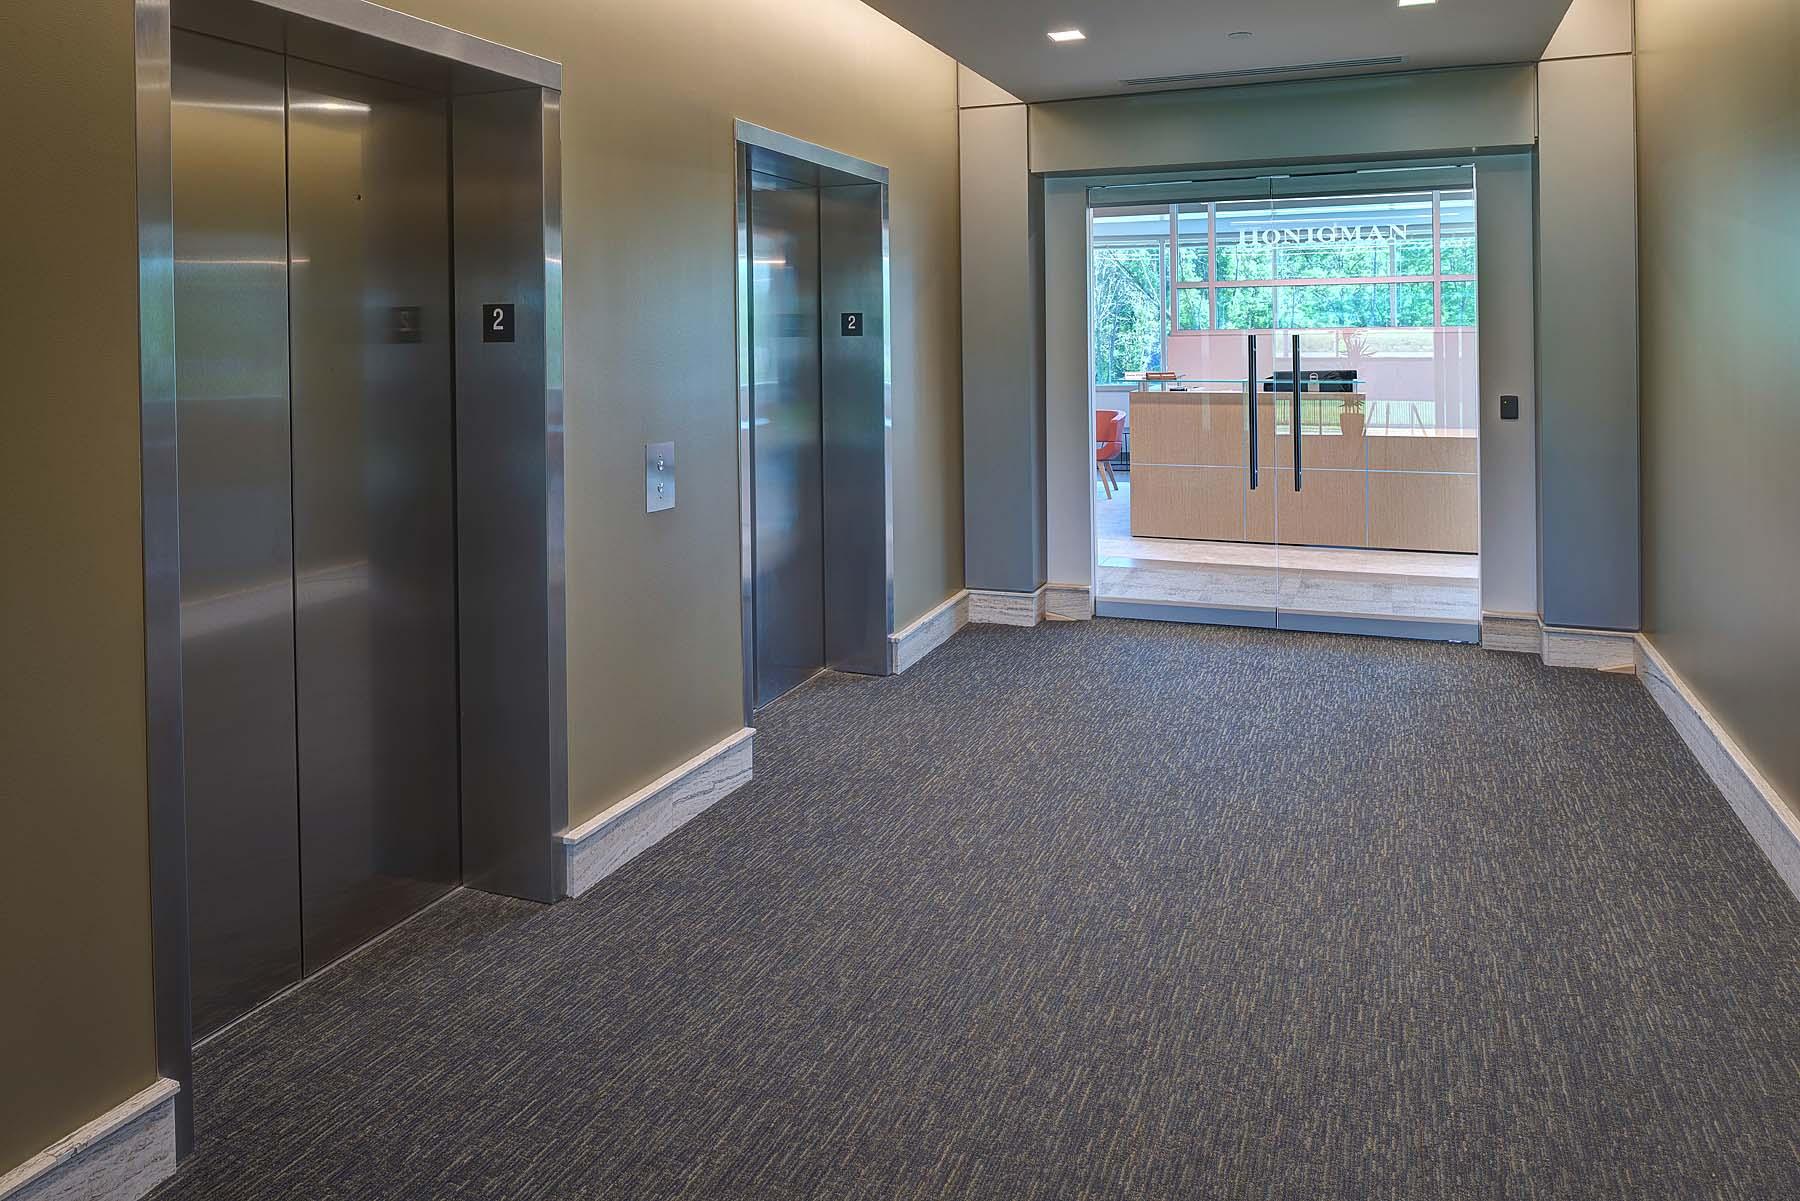 650TradeCentreWay-Interior-2126-NeutralColor-LoRez[1].jpg